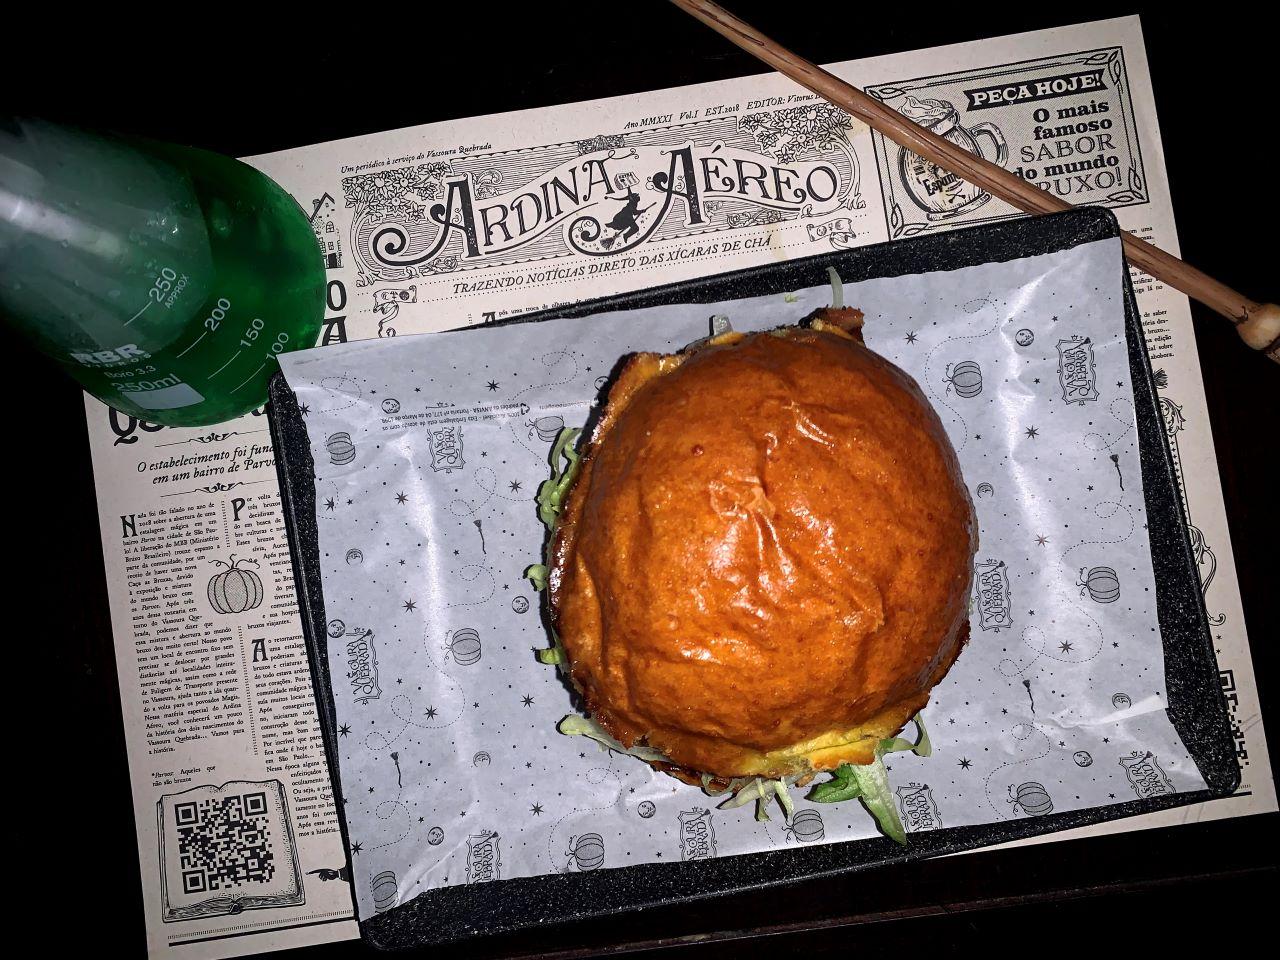 hamburguer e bebida verde